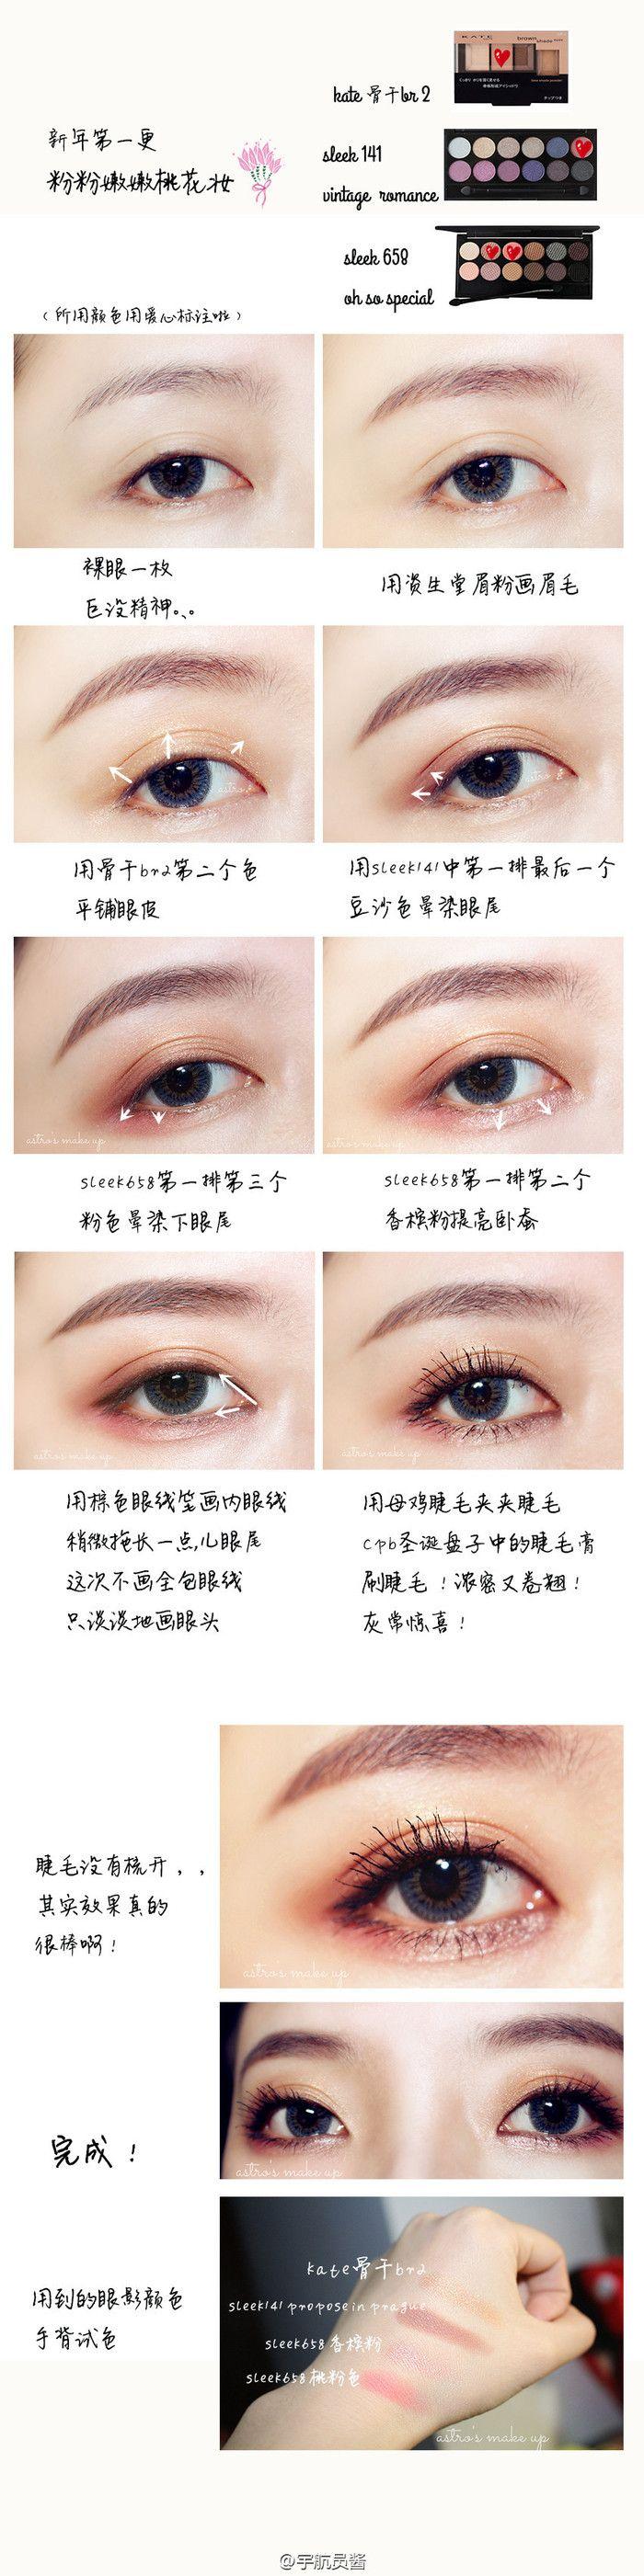 Lovely eye make up